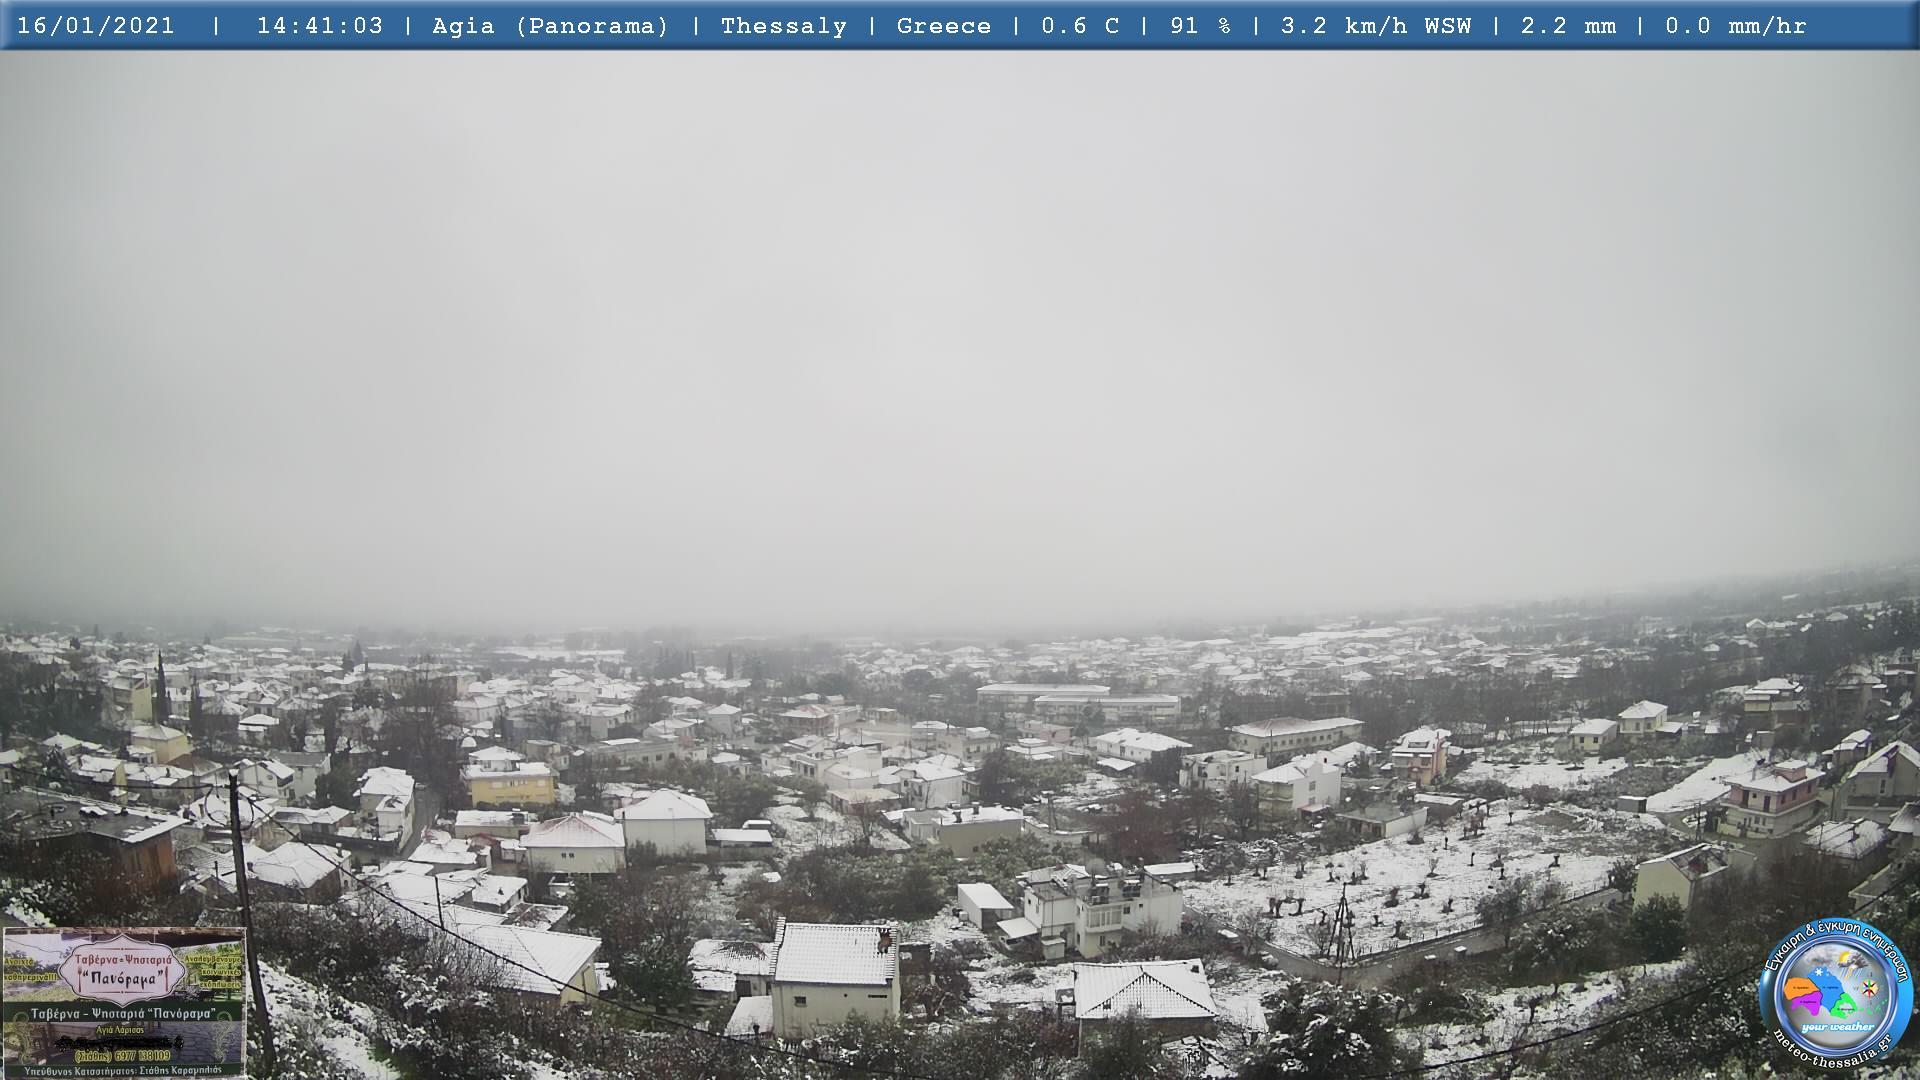 Χιονοβόλτα στην Αγιά Λάρισας (+φωτό και βίντεο)